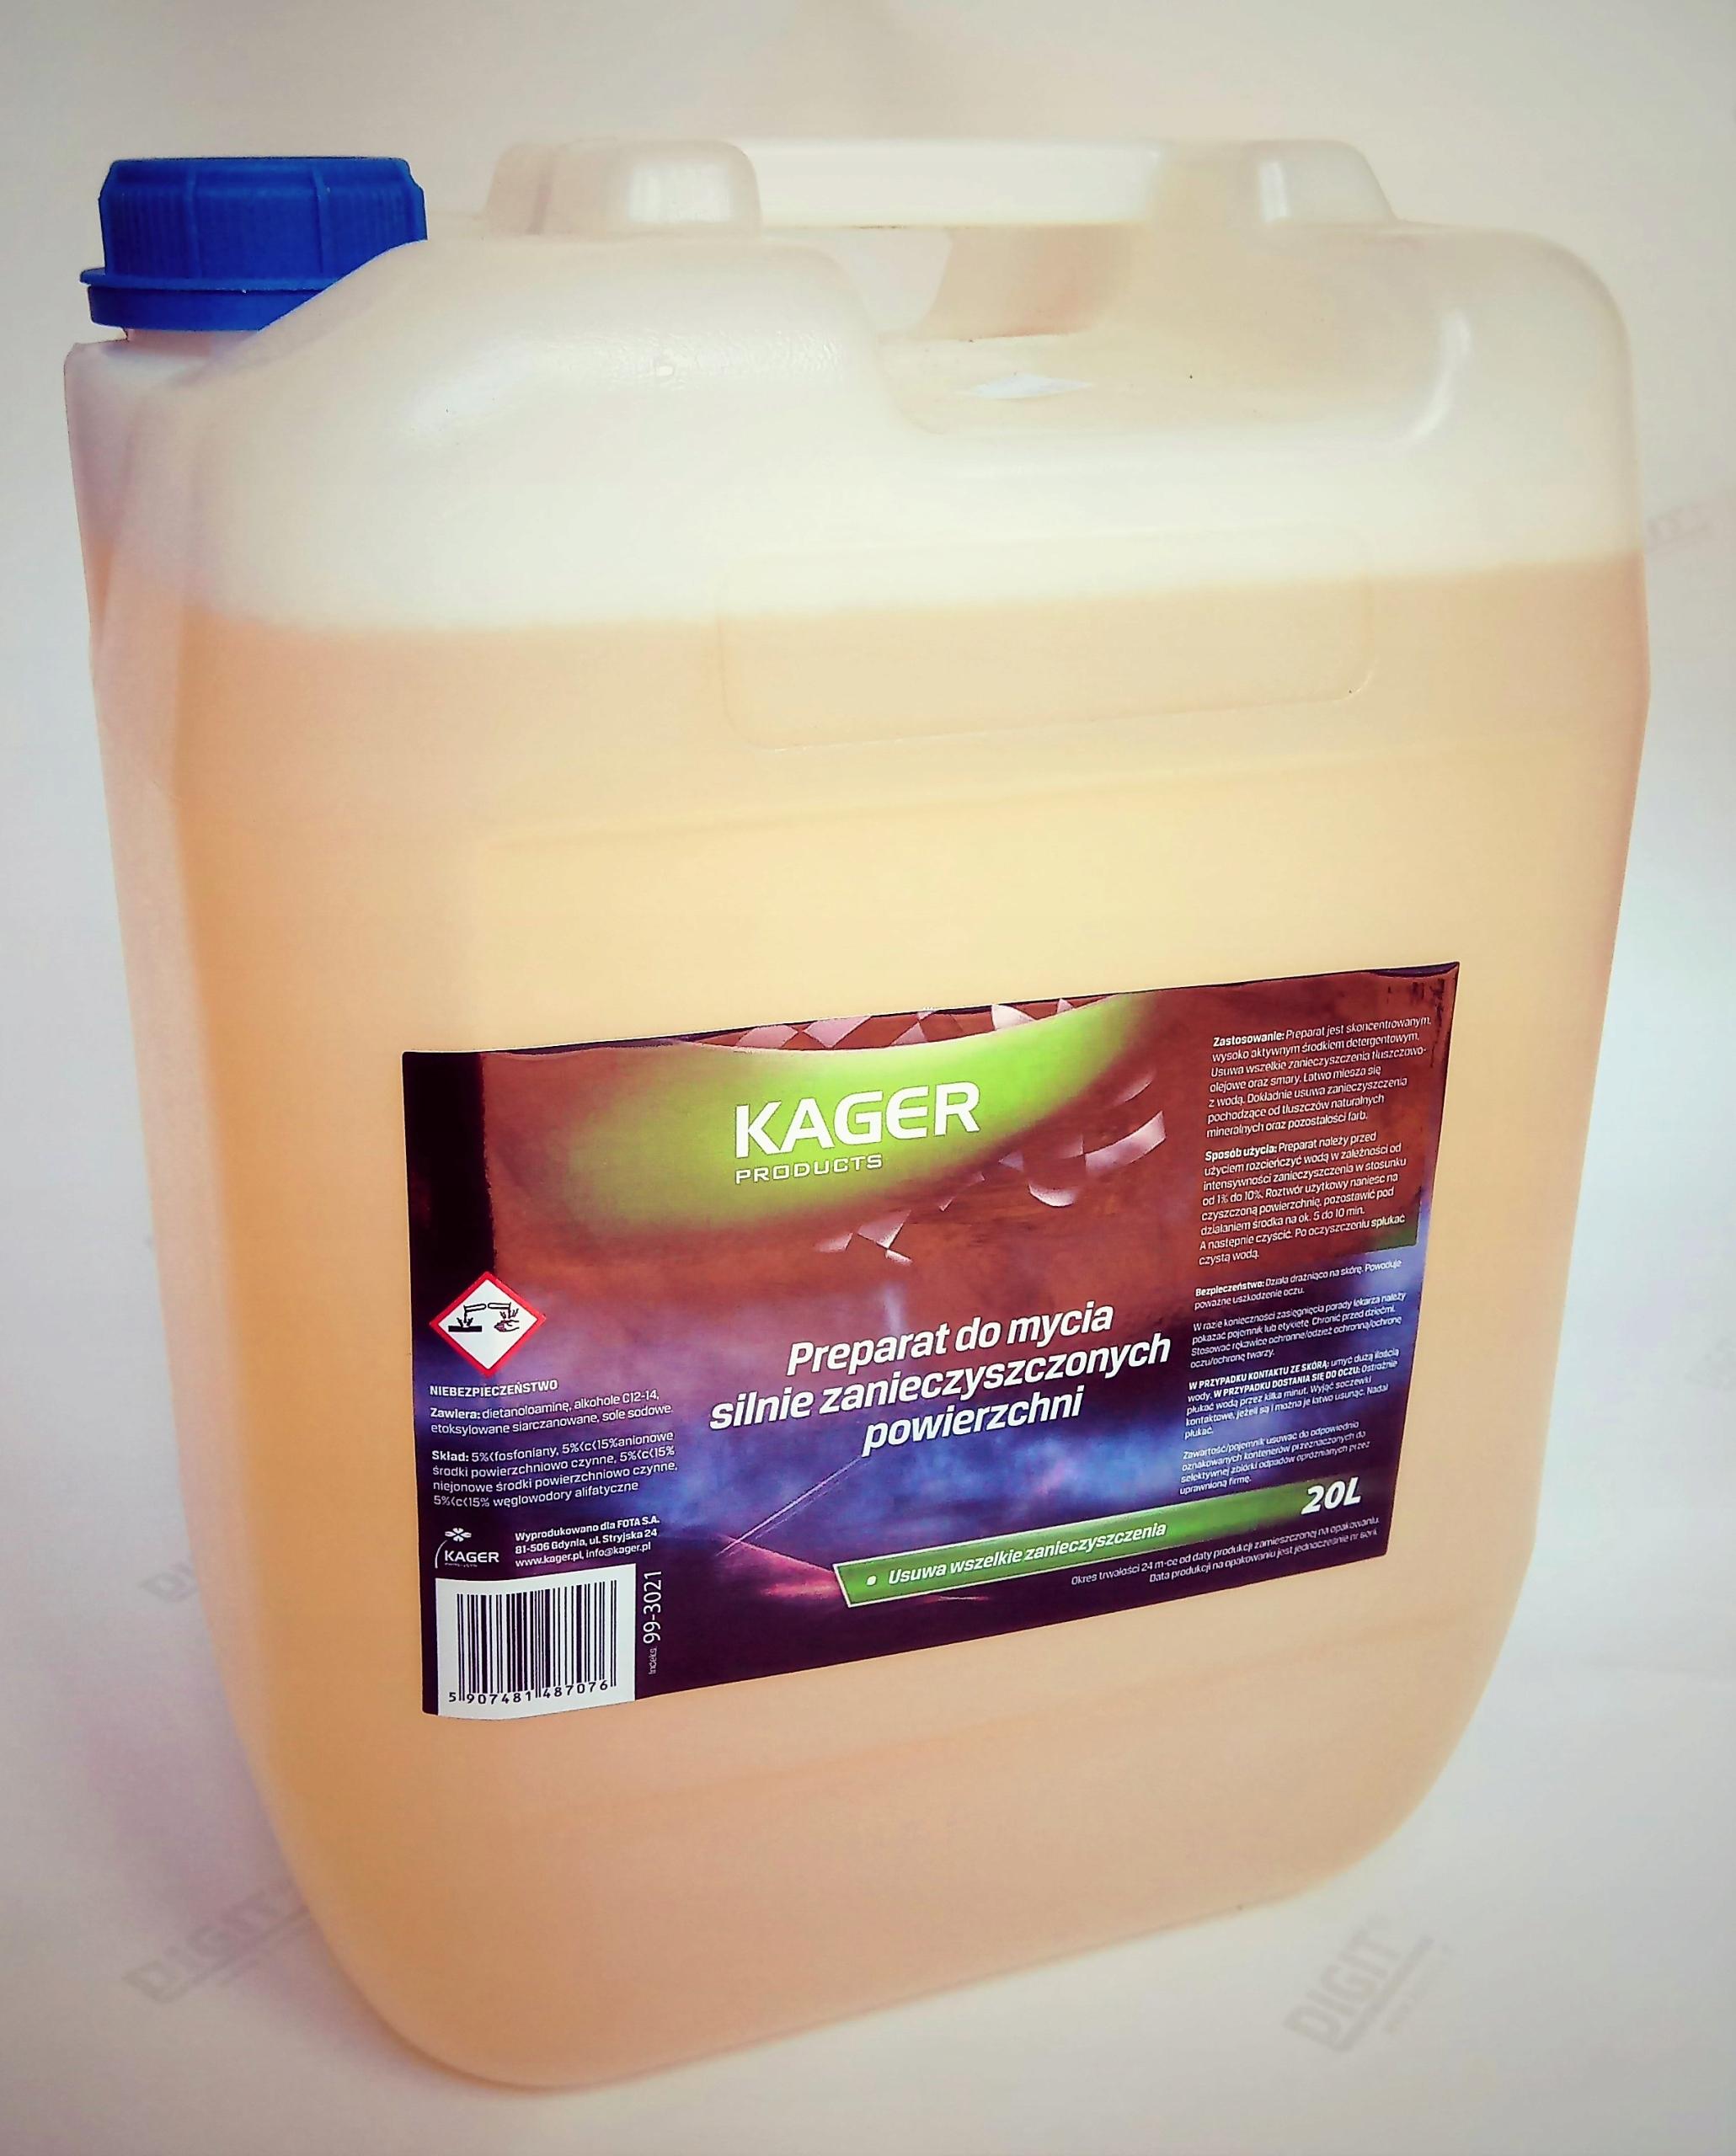 Подготовка для сильнозагрязненных поверхностей KAGER 20 L